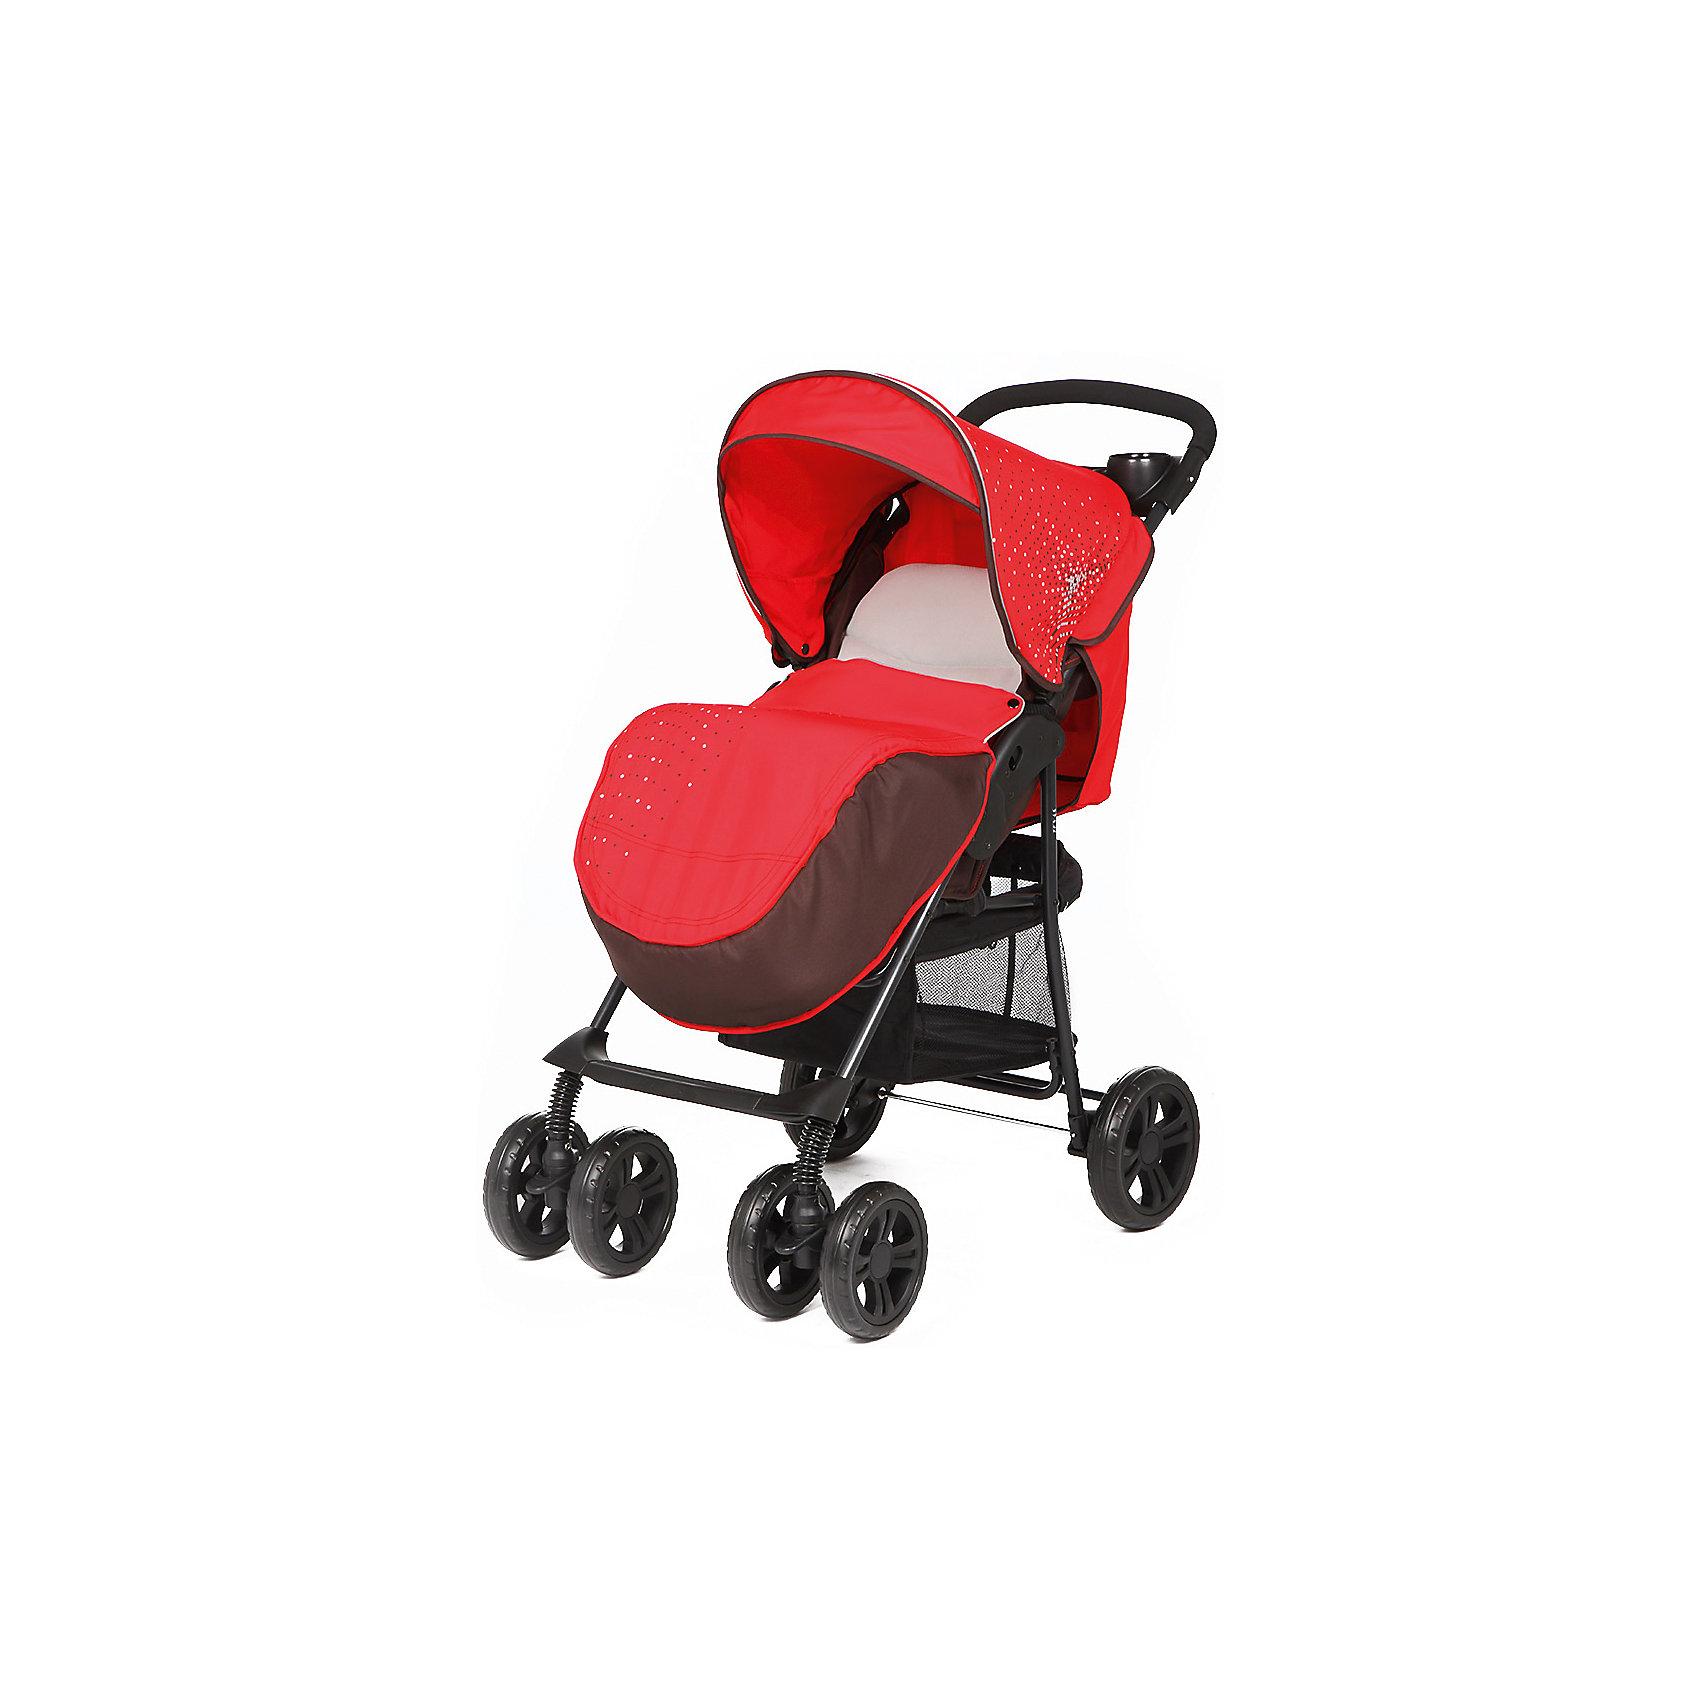 Прогулочная коляска E0970 TEXAS, Mobility One, красныйОблегченная прогулочная коляска выполнена в современном и удобном дизайне. Прочная и удобная коляска позволит перевозить ребенка, не беспокоясь при этом о его безопасности. Приятный цвет коляски практичен и универсален. За счет продуманной формы колес и амортизации коляска отлично будет ехать как по не ровной дороге, так и по снегу. Коляска легкая и прочная.<br>Конструкция - очень устойчивая. Модель дополнена 5-точечными ремнями безопасности. Изделие произведено из качественных и безопасных для малышей материалов, оно соответствуют всем современным требованиям безопасности.<br><br>Дополнительная информация:<br><br>цвет: красный;<br>механизм складывания: книжка; <br>возраст ребенка: от 6 месяцев;<br>вес коляски: 7,1 кг;<br>6 колес;<br>фиксация передних колес;<br>регулировка подножки по высоте;<br>ремни безопасности: пятиточечные;<br>столик, крепящийся на ручке коляски;<br>дождевик;<br>корзина для покупок;<br>раскладывается на 170 градусов;<br>легкая алюминиевая рама;<br>мягкий вкладыш;<br>материал: пластик, металл, текстиль.<br><br>Прогулочную коляску E0970 TEXAS, красный от компании Mobility One можно купить в нашем магазине.<br><br>Ширина мм: 800<br>Глубина мм: 350<br>Высота мм: 1020<br>Вес г: 8400<br>Возраст от месяцев: 6<br>Возраст до месяцев: 36<br>Пол: Женский<br>Возраст: Детский<br>SKU: 4778520